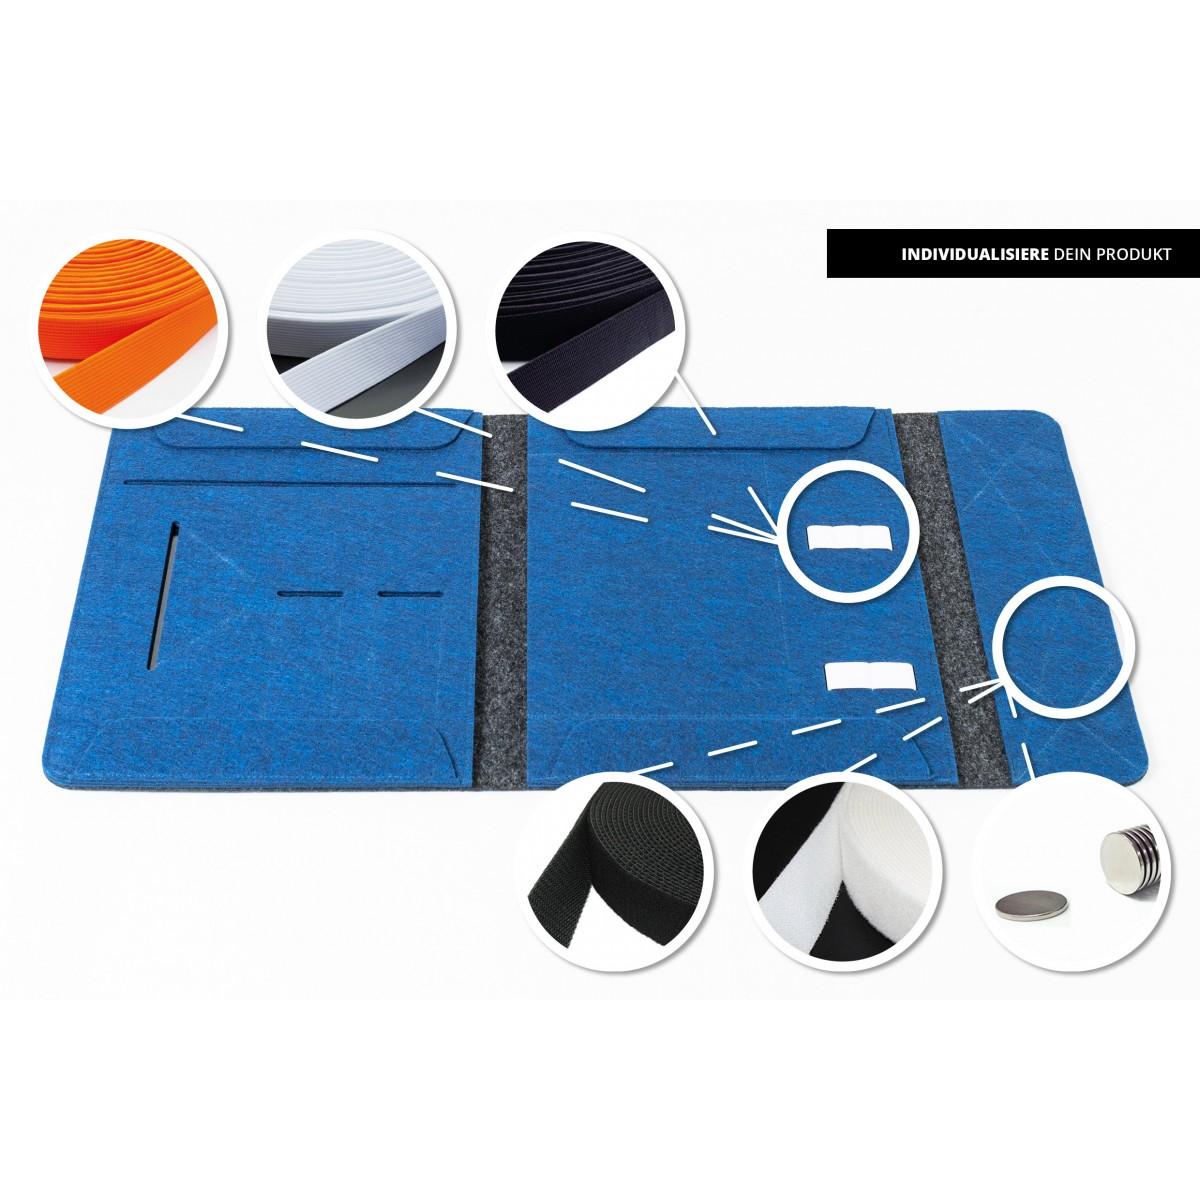 RÅVARE Dokumentenmappe für A4-Dokumente, Kalender, Planer und Tablet ≤12.3″ in grau-blau [HENNE]